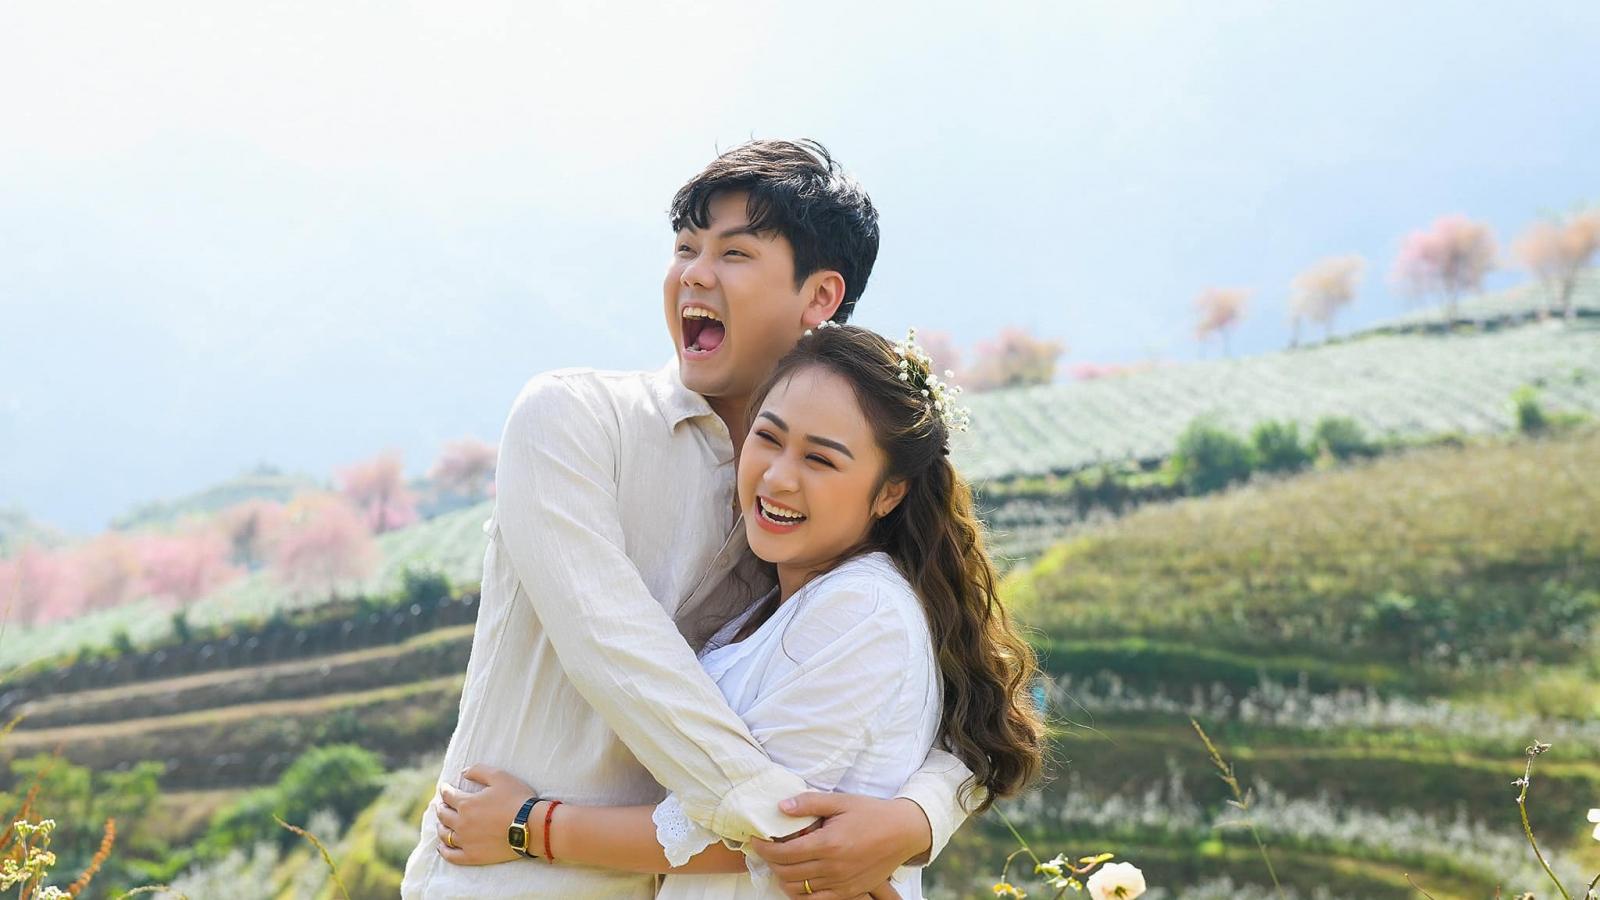 Ngắm loạt ảnh cưới tuyệt đẹp của con gái diva Thanh Lam